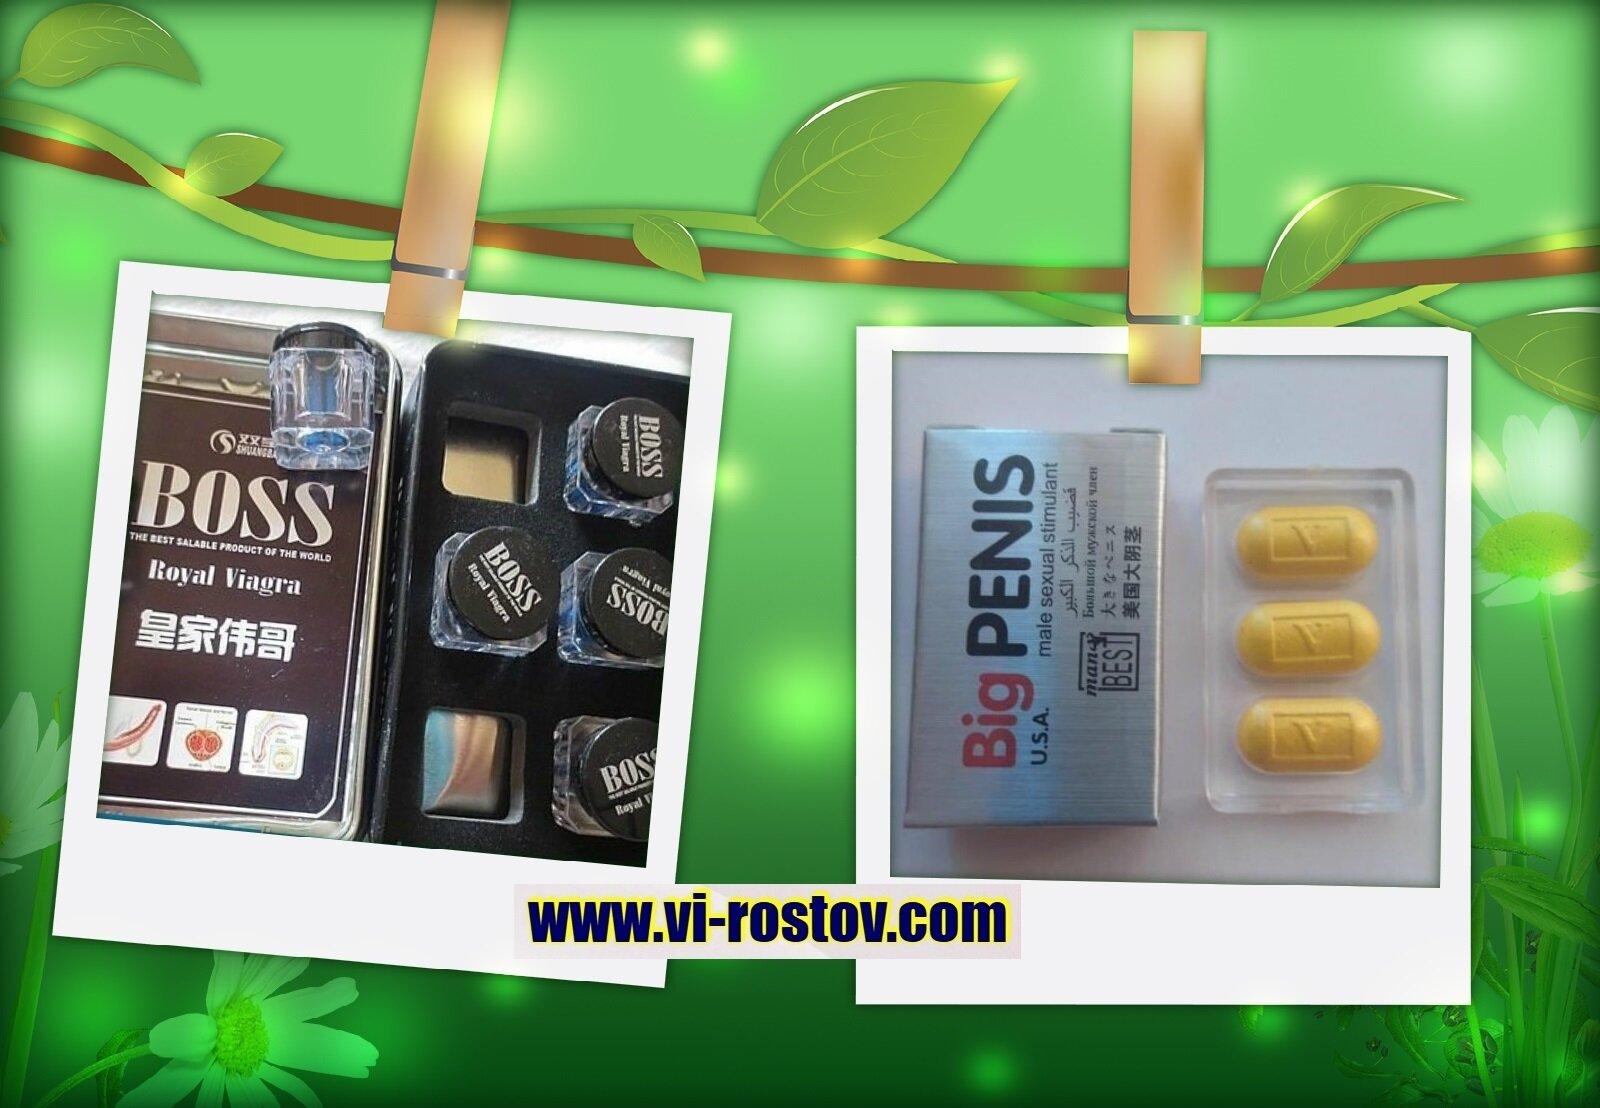 Мачо. Набор ПРОБНИКОВ для мужчин! 2 вида лучших препаратов для потенции. - фото pic_624888b36680fe4cb995354b523baa22_1920x9000_1.jpg